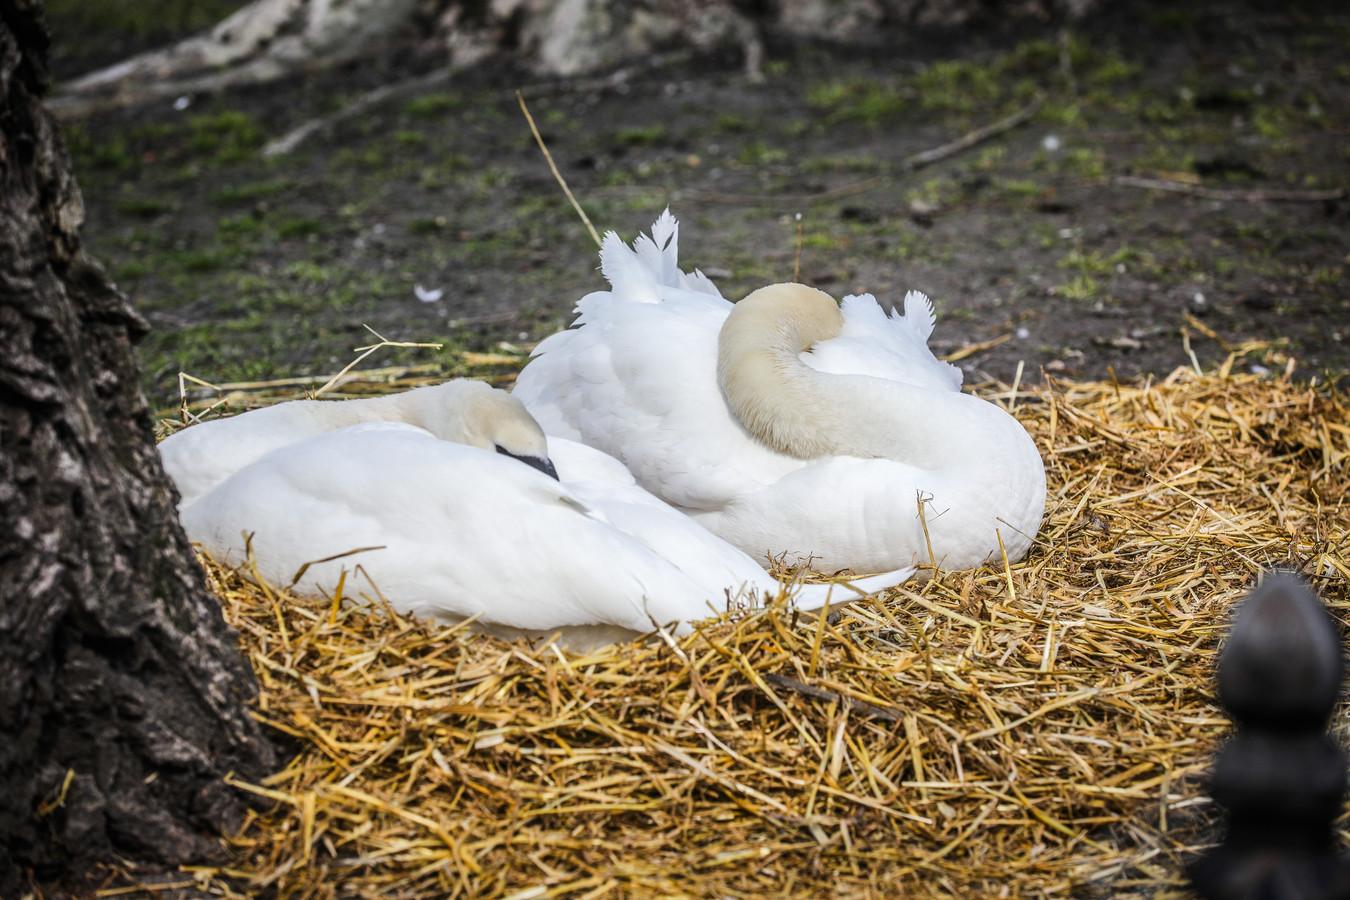 De Brugse zwanen beginnen stilaan hun nest te maken, zoals ook hier aan het Begijnhof.